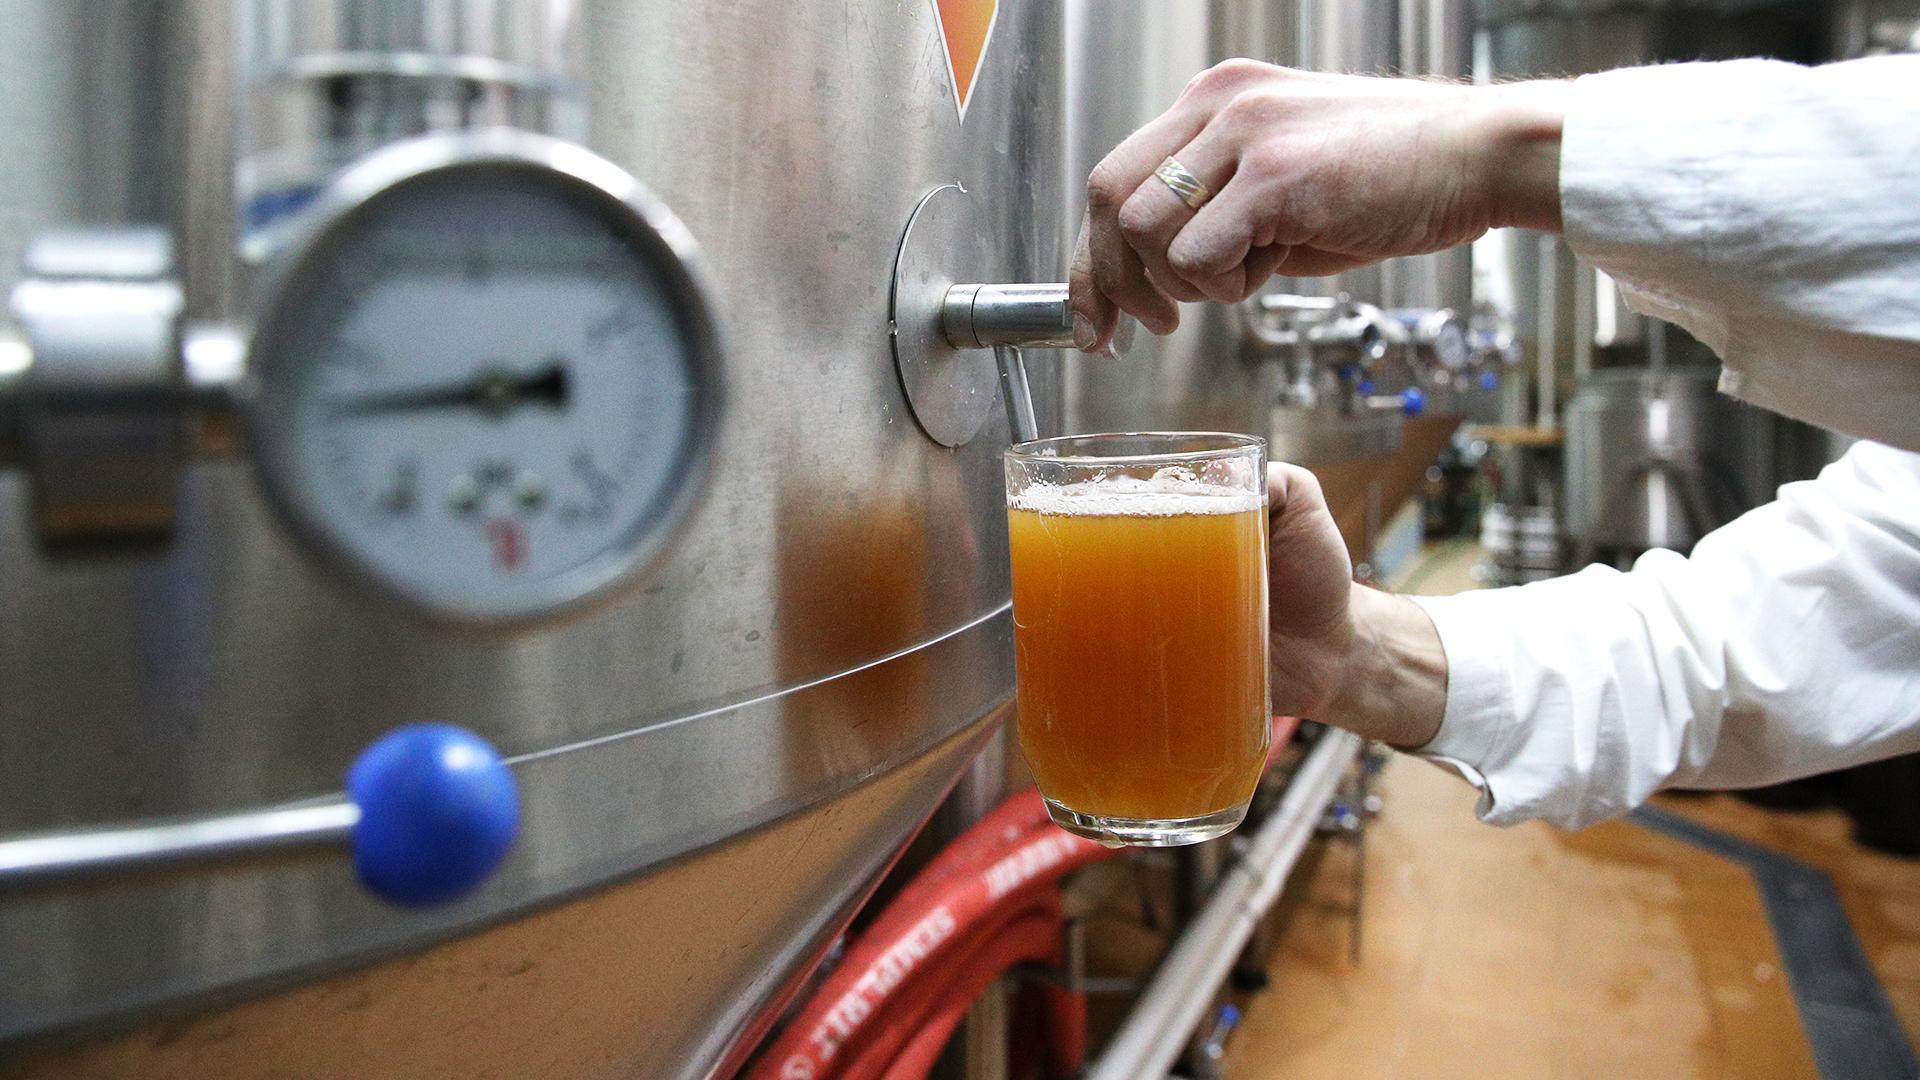 Законопроект о реестре производителей пива прошел комитет Госдумы